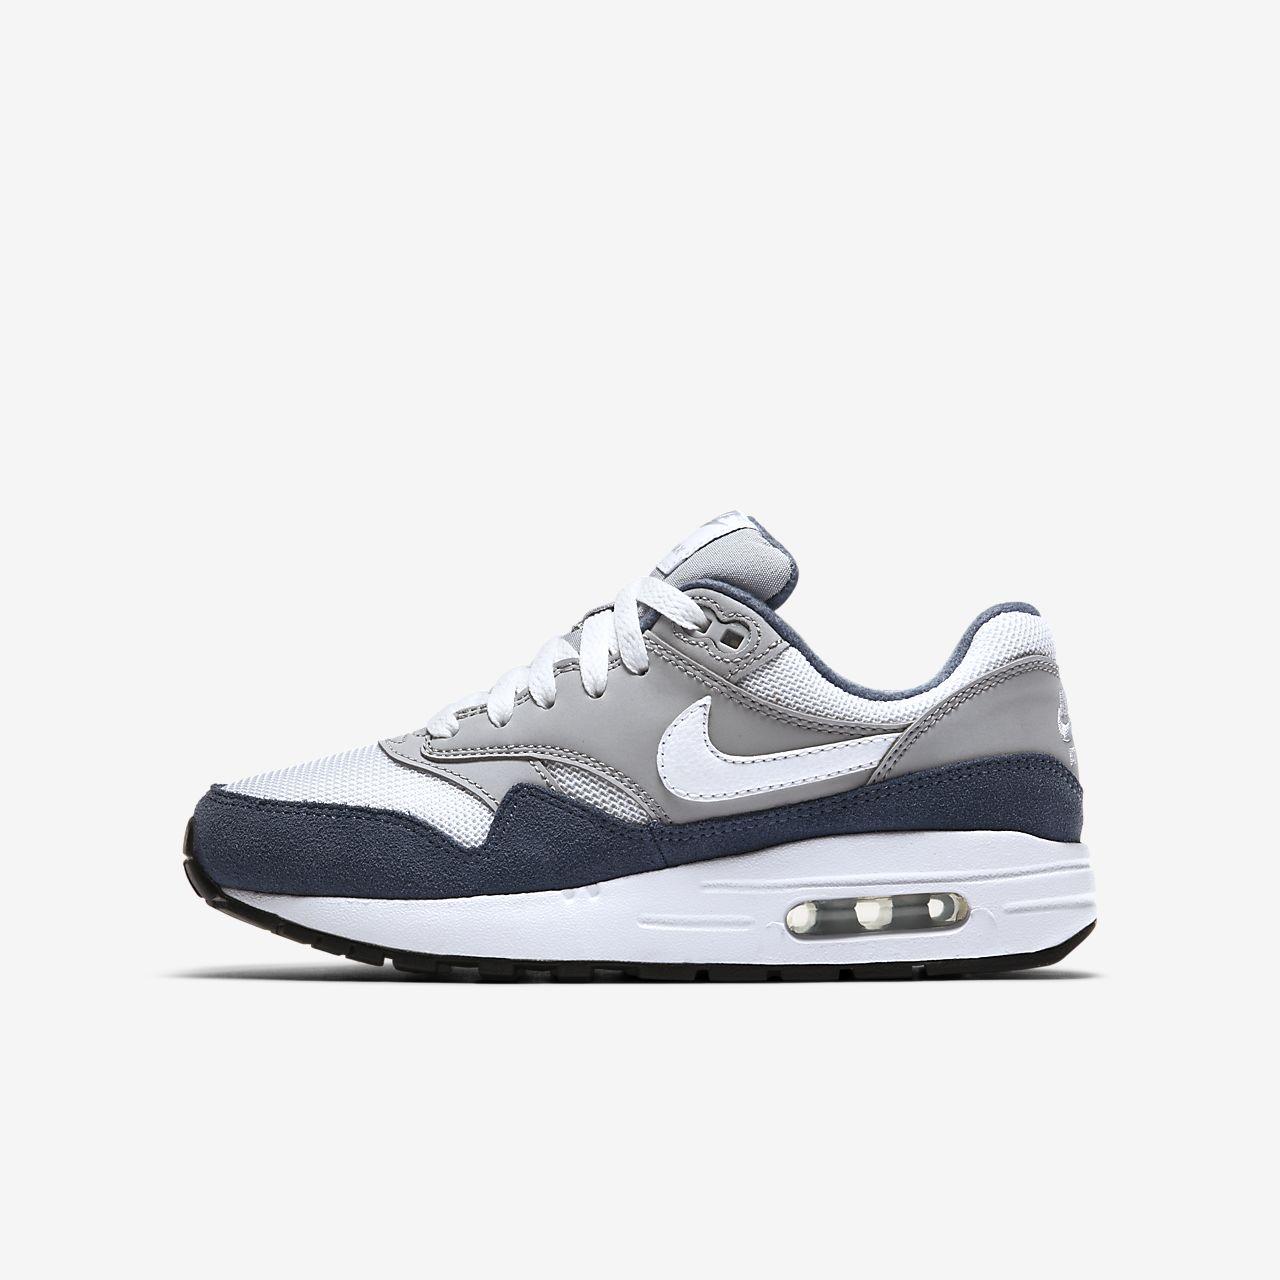 cheap for discount e64b7 93cfc ... Nike Air Max 1 Zapatillas - Niño a